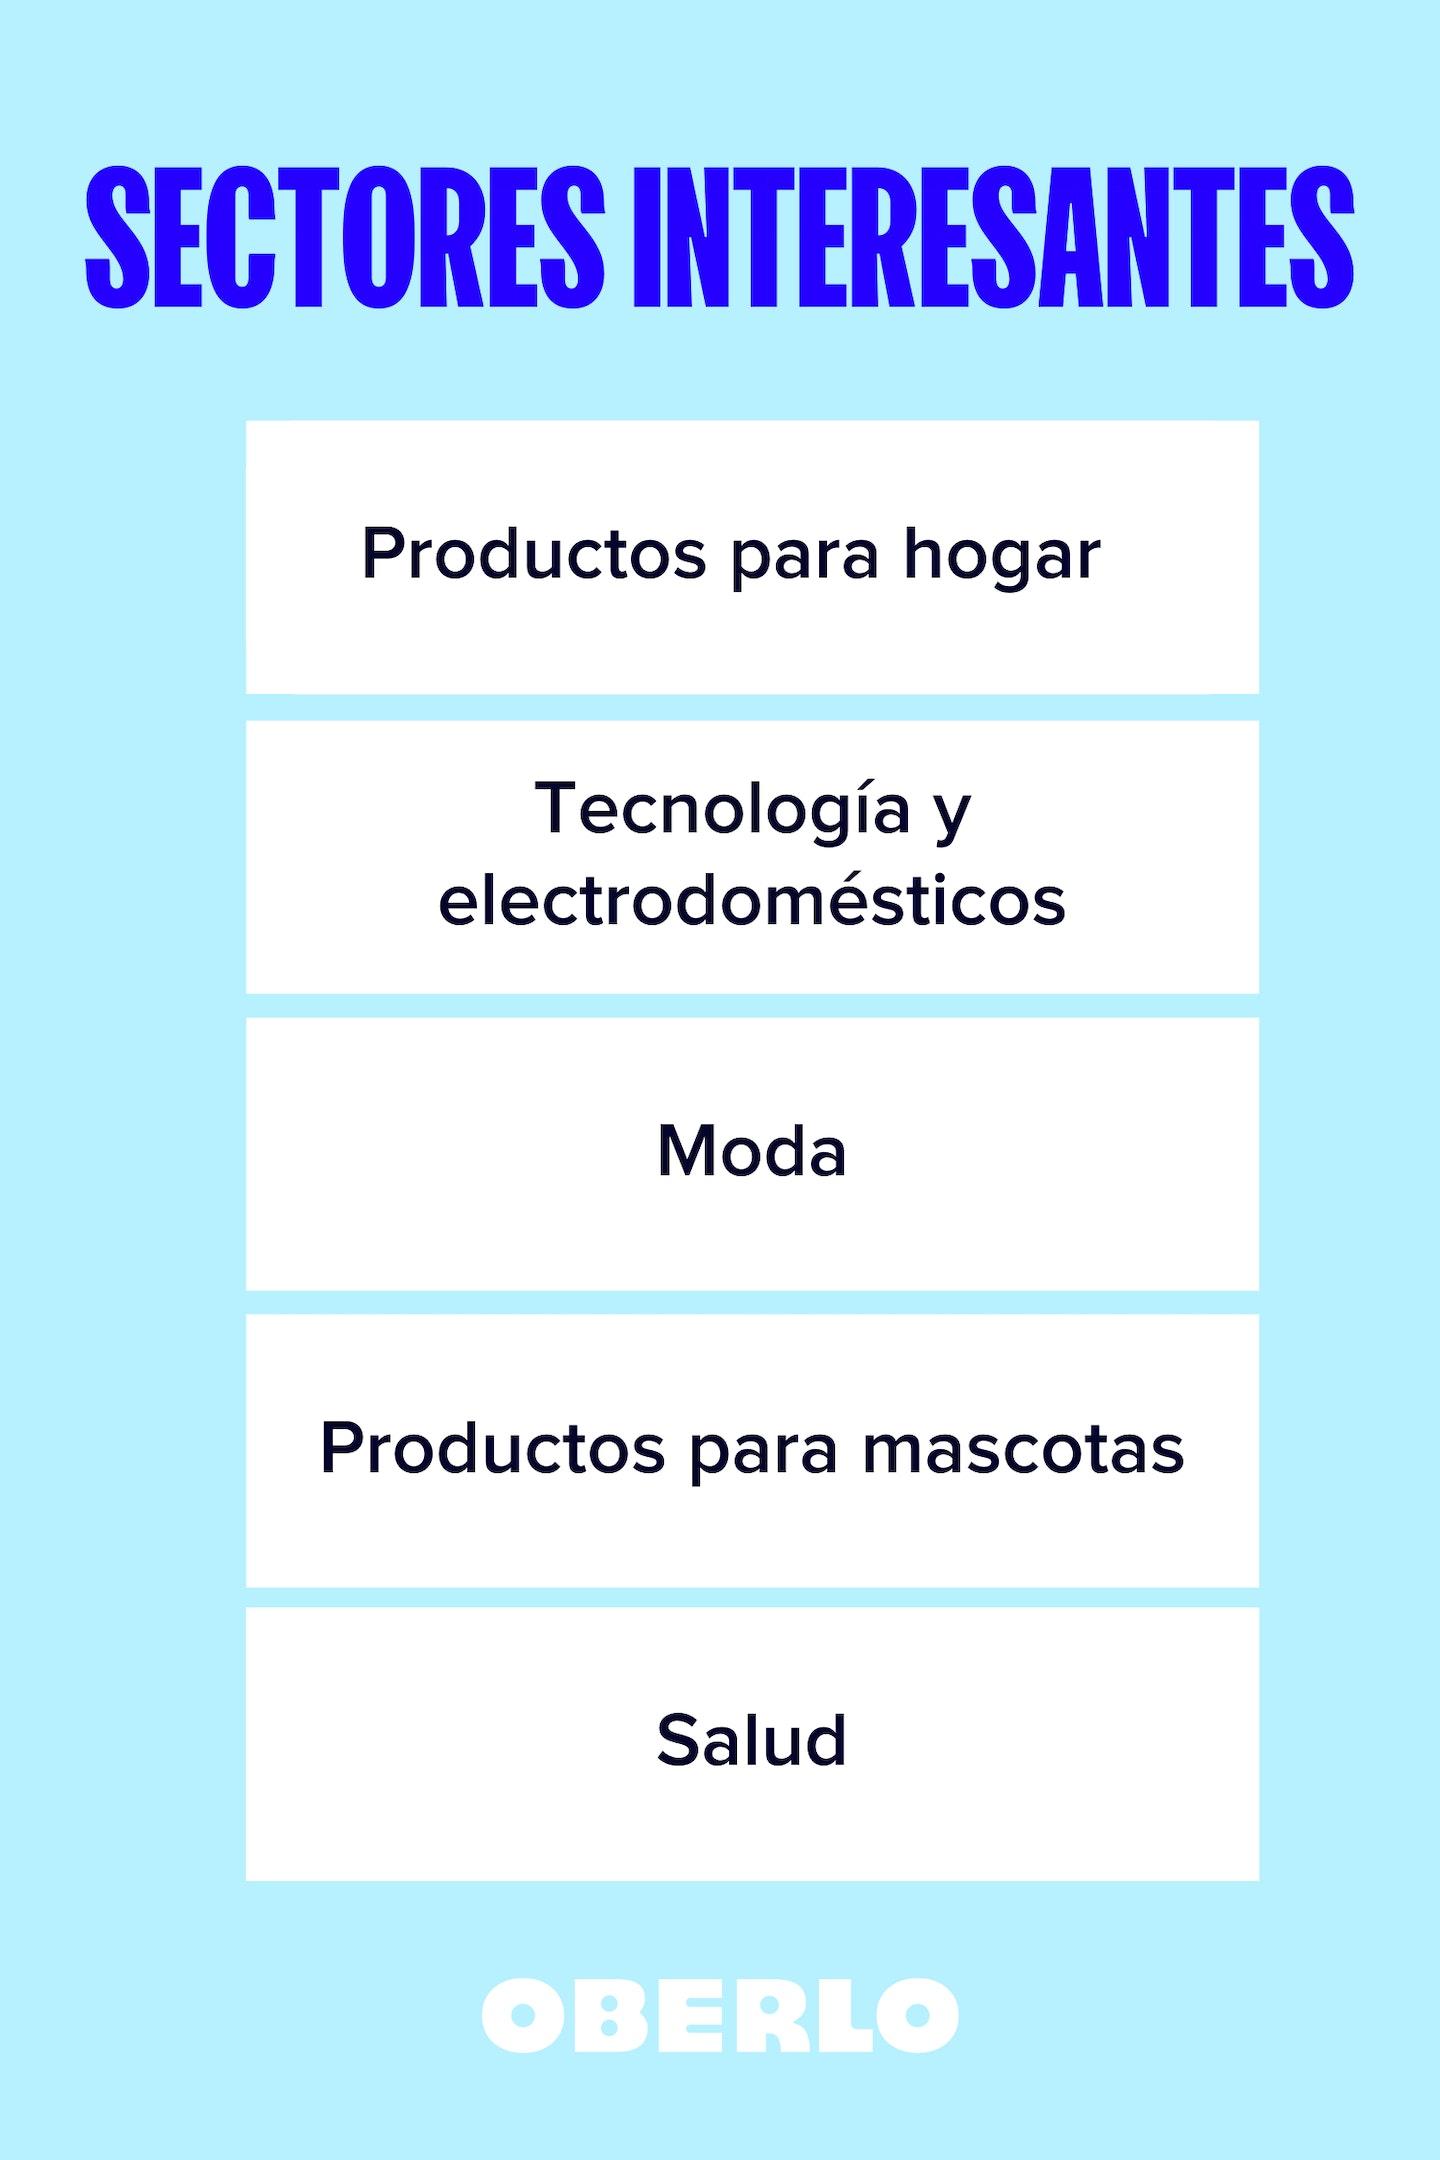 productos que mas se venden en españa